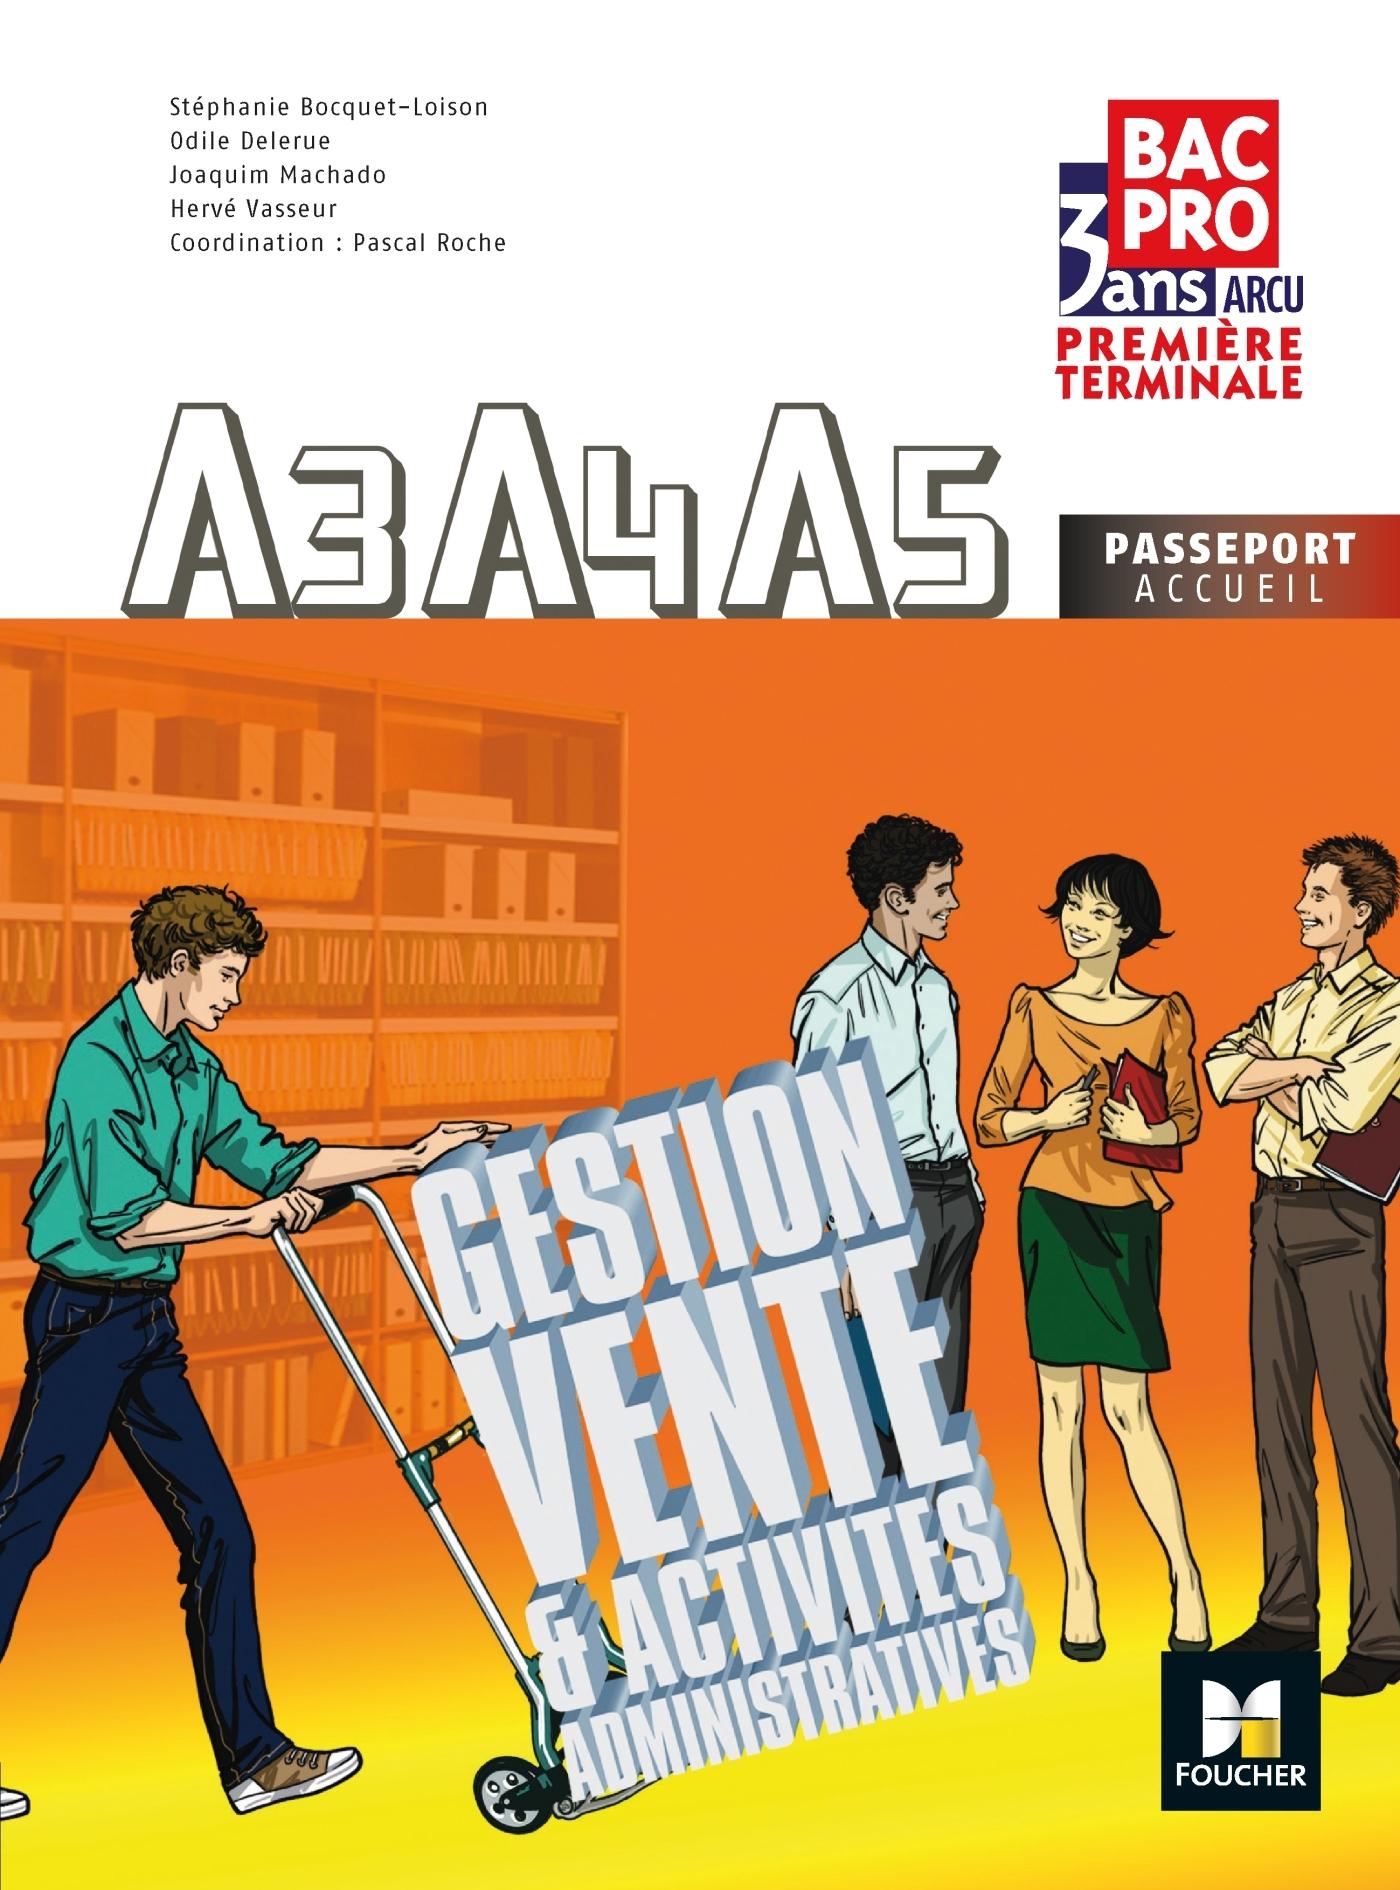 A3-A4-A5 GESTION VENTE ET ACTIVITES ADMINISTRATIVES 1RE TLE B.PRO